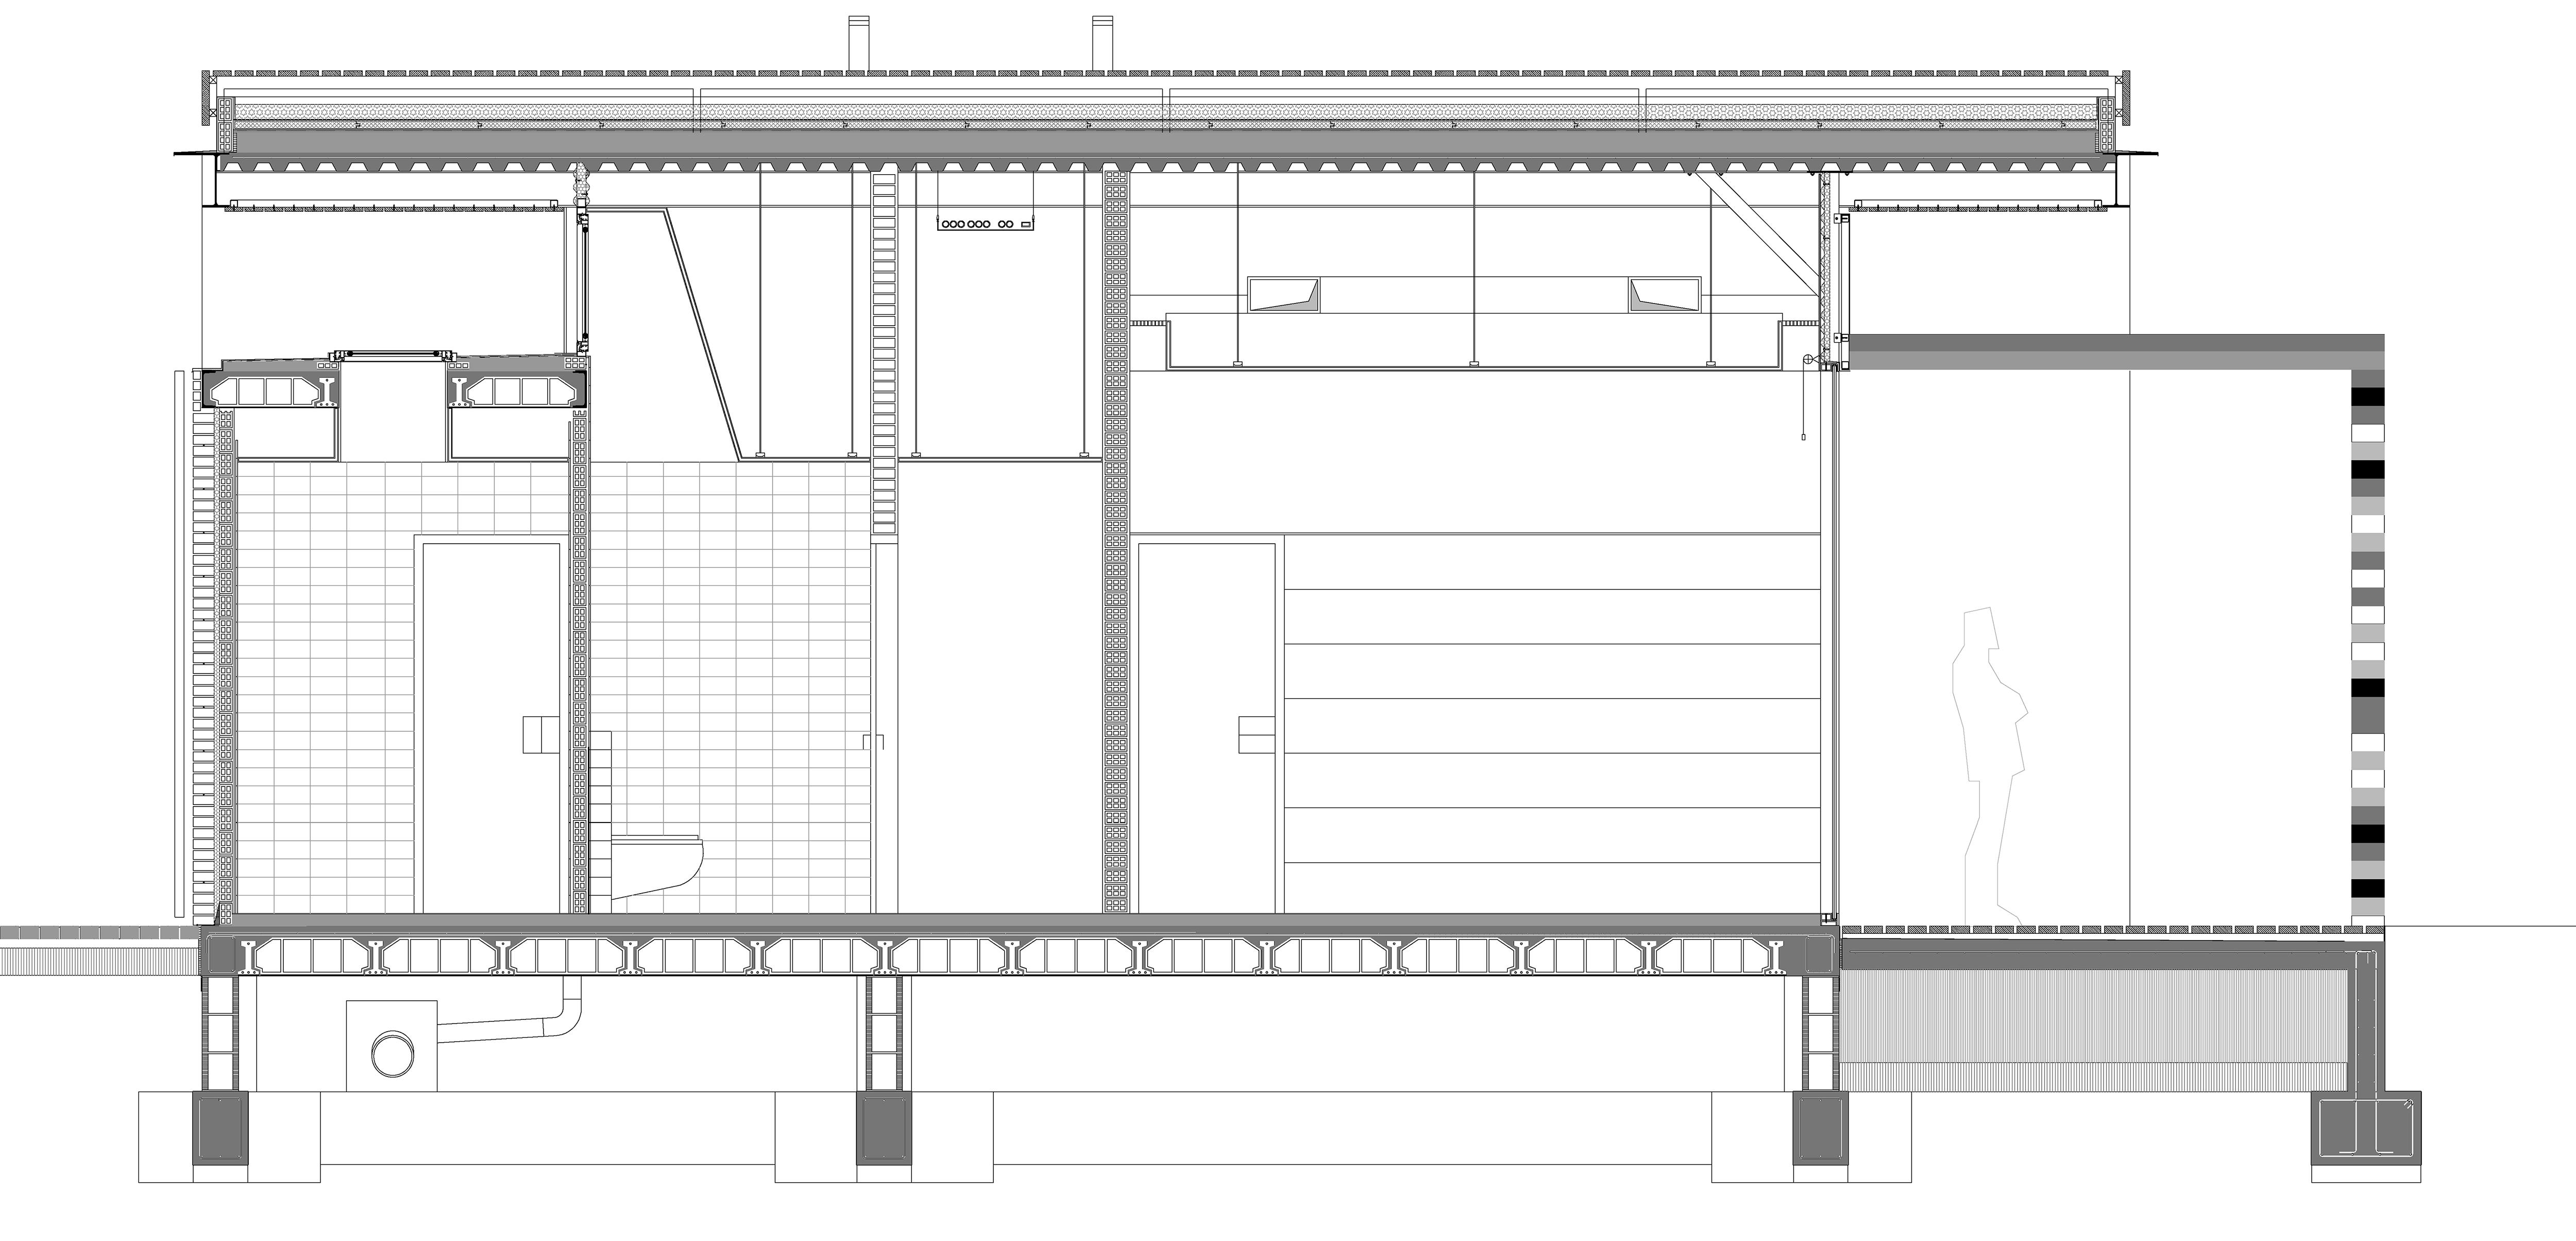 Edificio de servicio del Puerto de Dénia. Arquitectura Alicante. Proyectos de Arquitectura. Arquitectos Alicante. Viviendas.